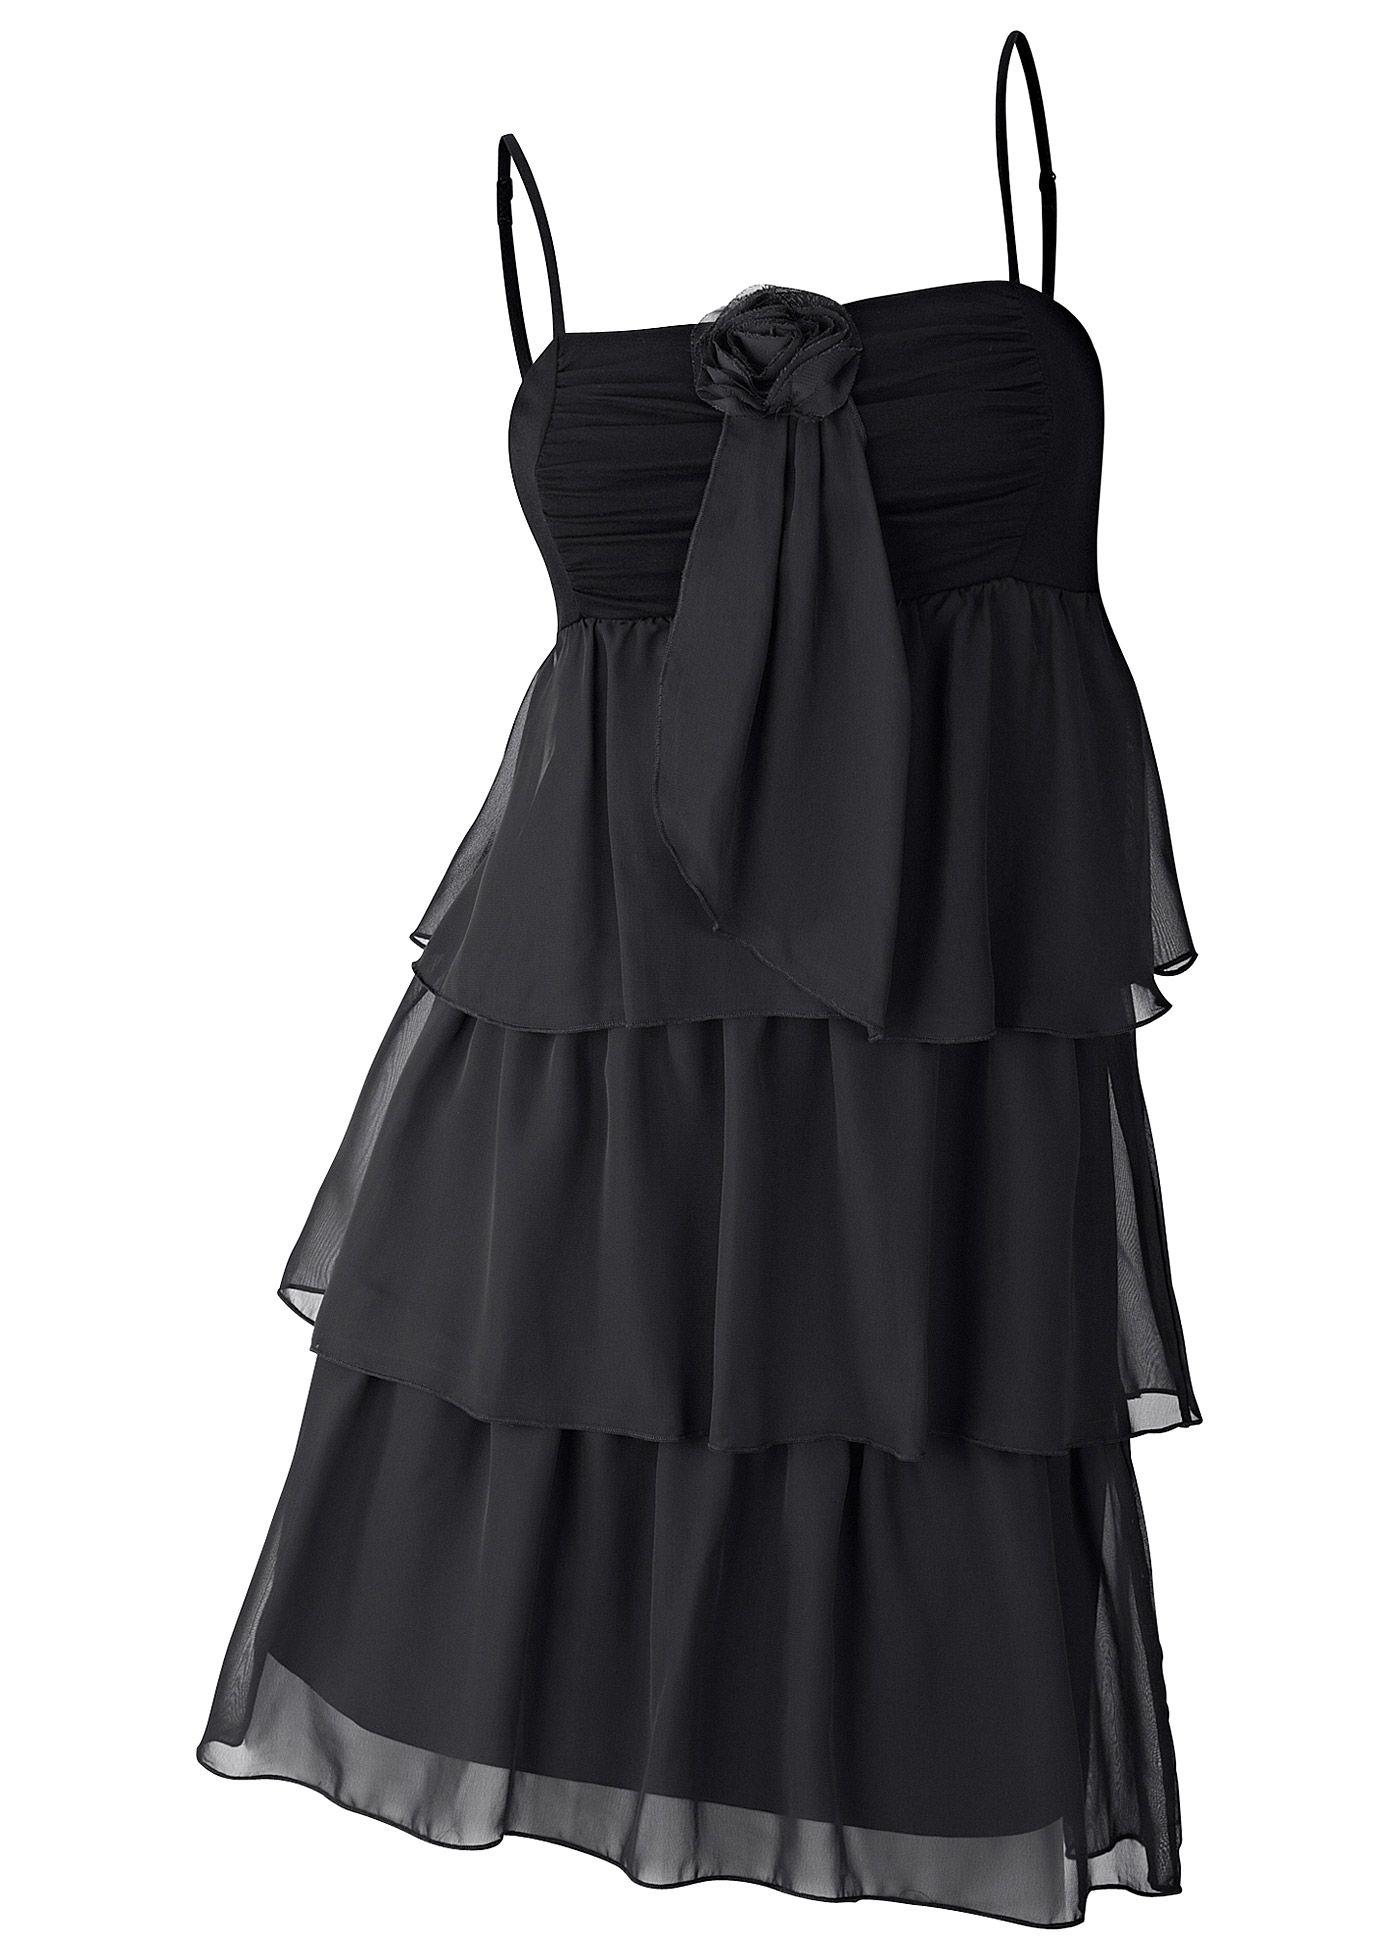 Penye elbise siyah - BODYFLIRT ?imdi bonprix.com.tr Online shop'ta ba?liyan 119,99 TL sipari? Çok özel bir parça! Mükemmelli?inizi sergileyin! Gö?üs k?sm? ...